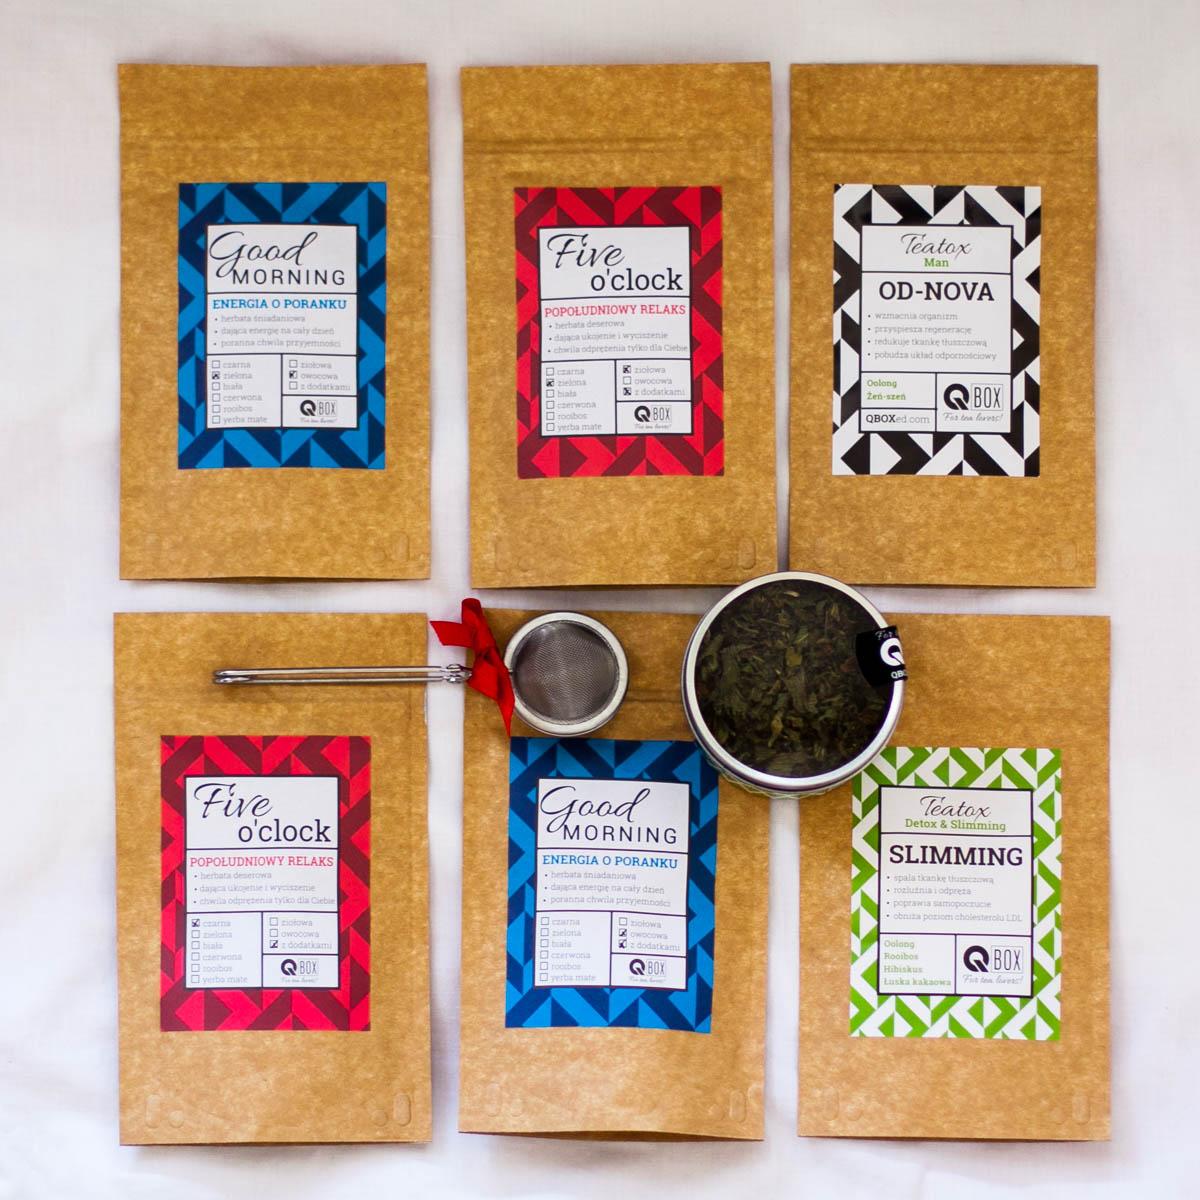 prezent dla miłośnika herbaty herbaciarze